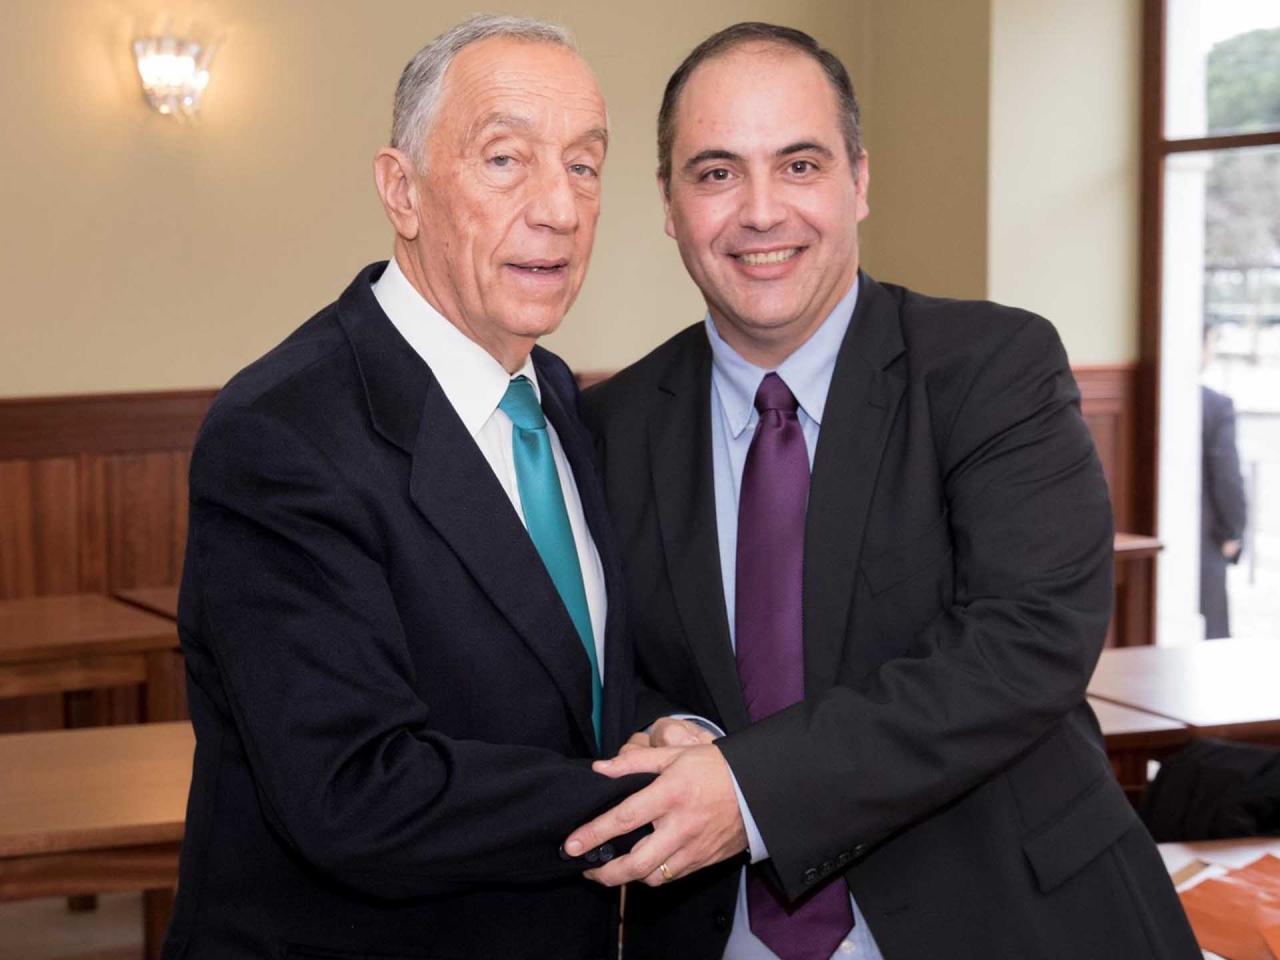 Marcelo Rebelo de Sousa, Sócio Honorário da nossa instituição